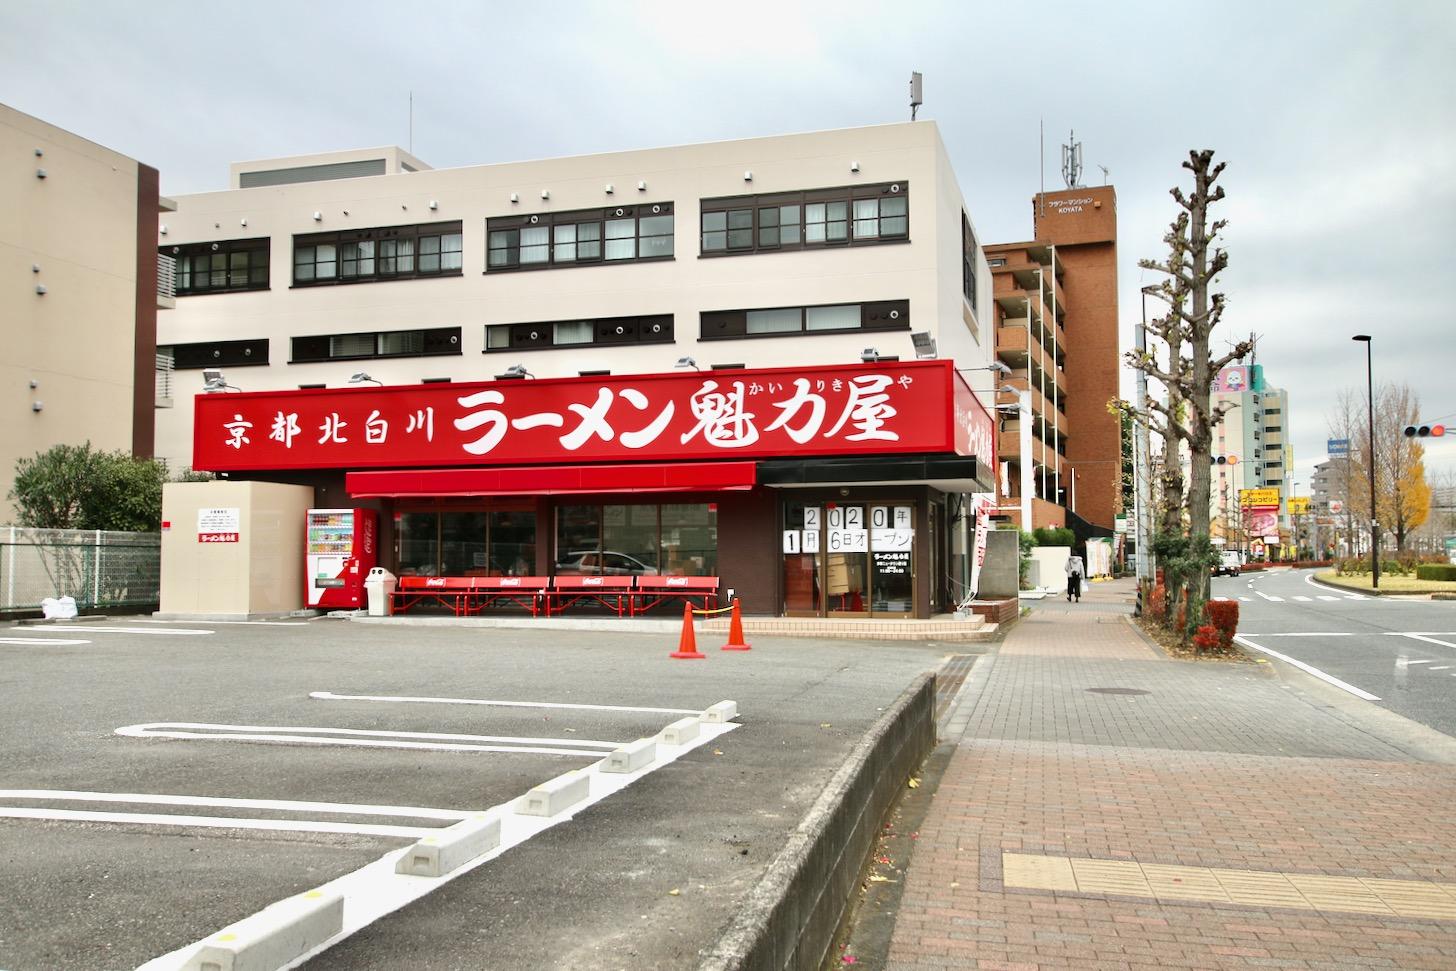 京都北白川ラーメン魁力屋 多摩ニュータウン通り店 外観